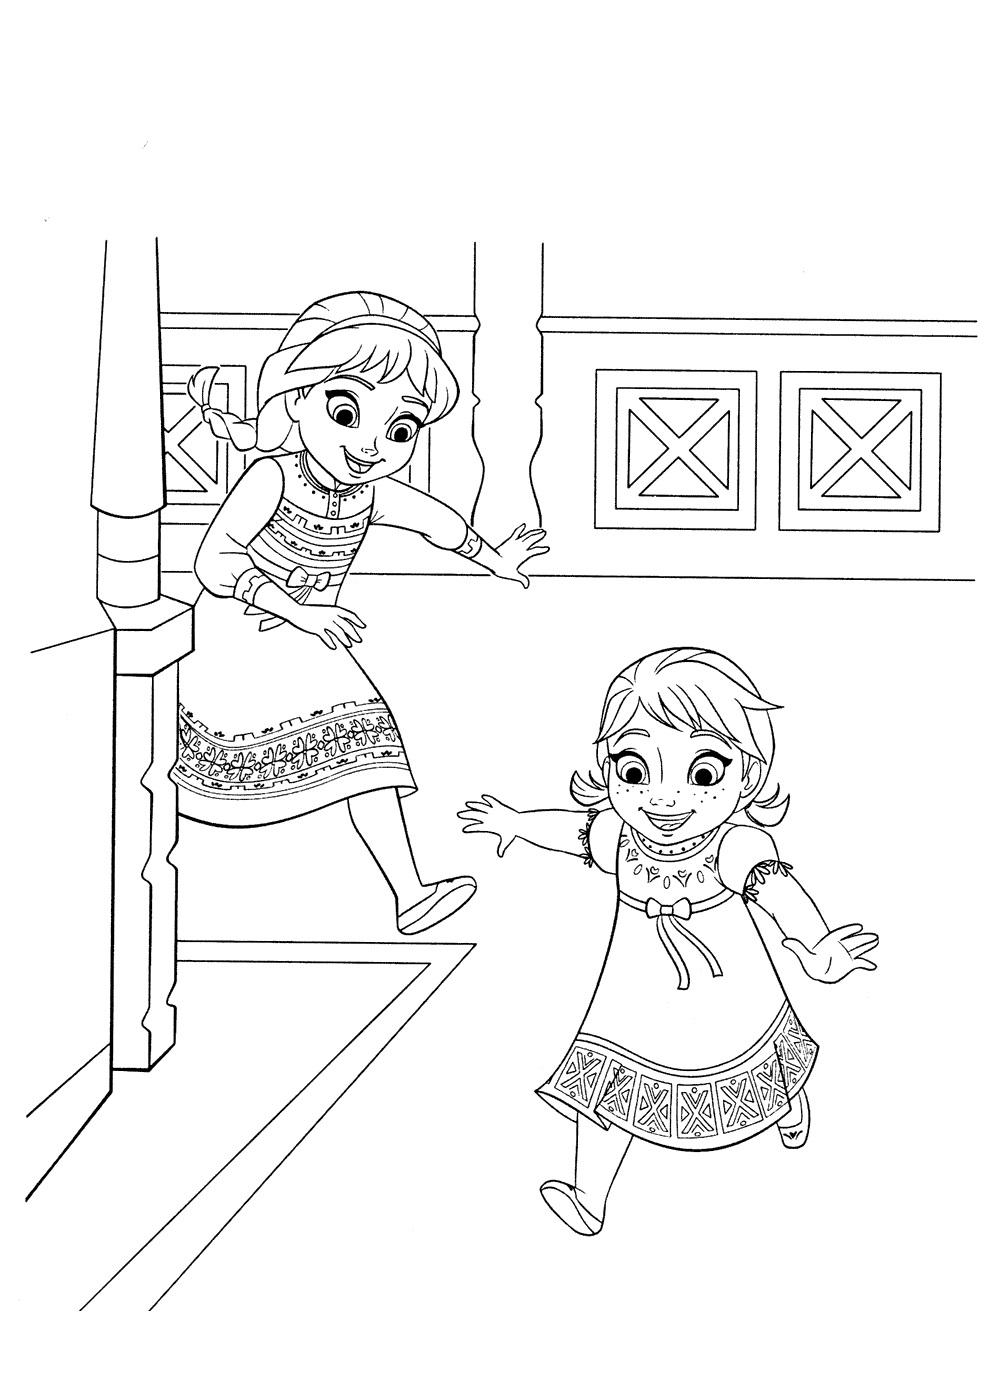 Ausmalbilder Elsa. Kostenlos Drucken, 60 Bilder Für Mädchen in Anna Und Elsa Ausmalbilder